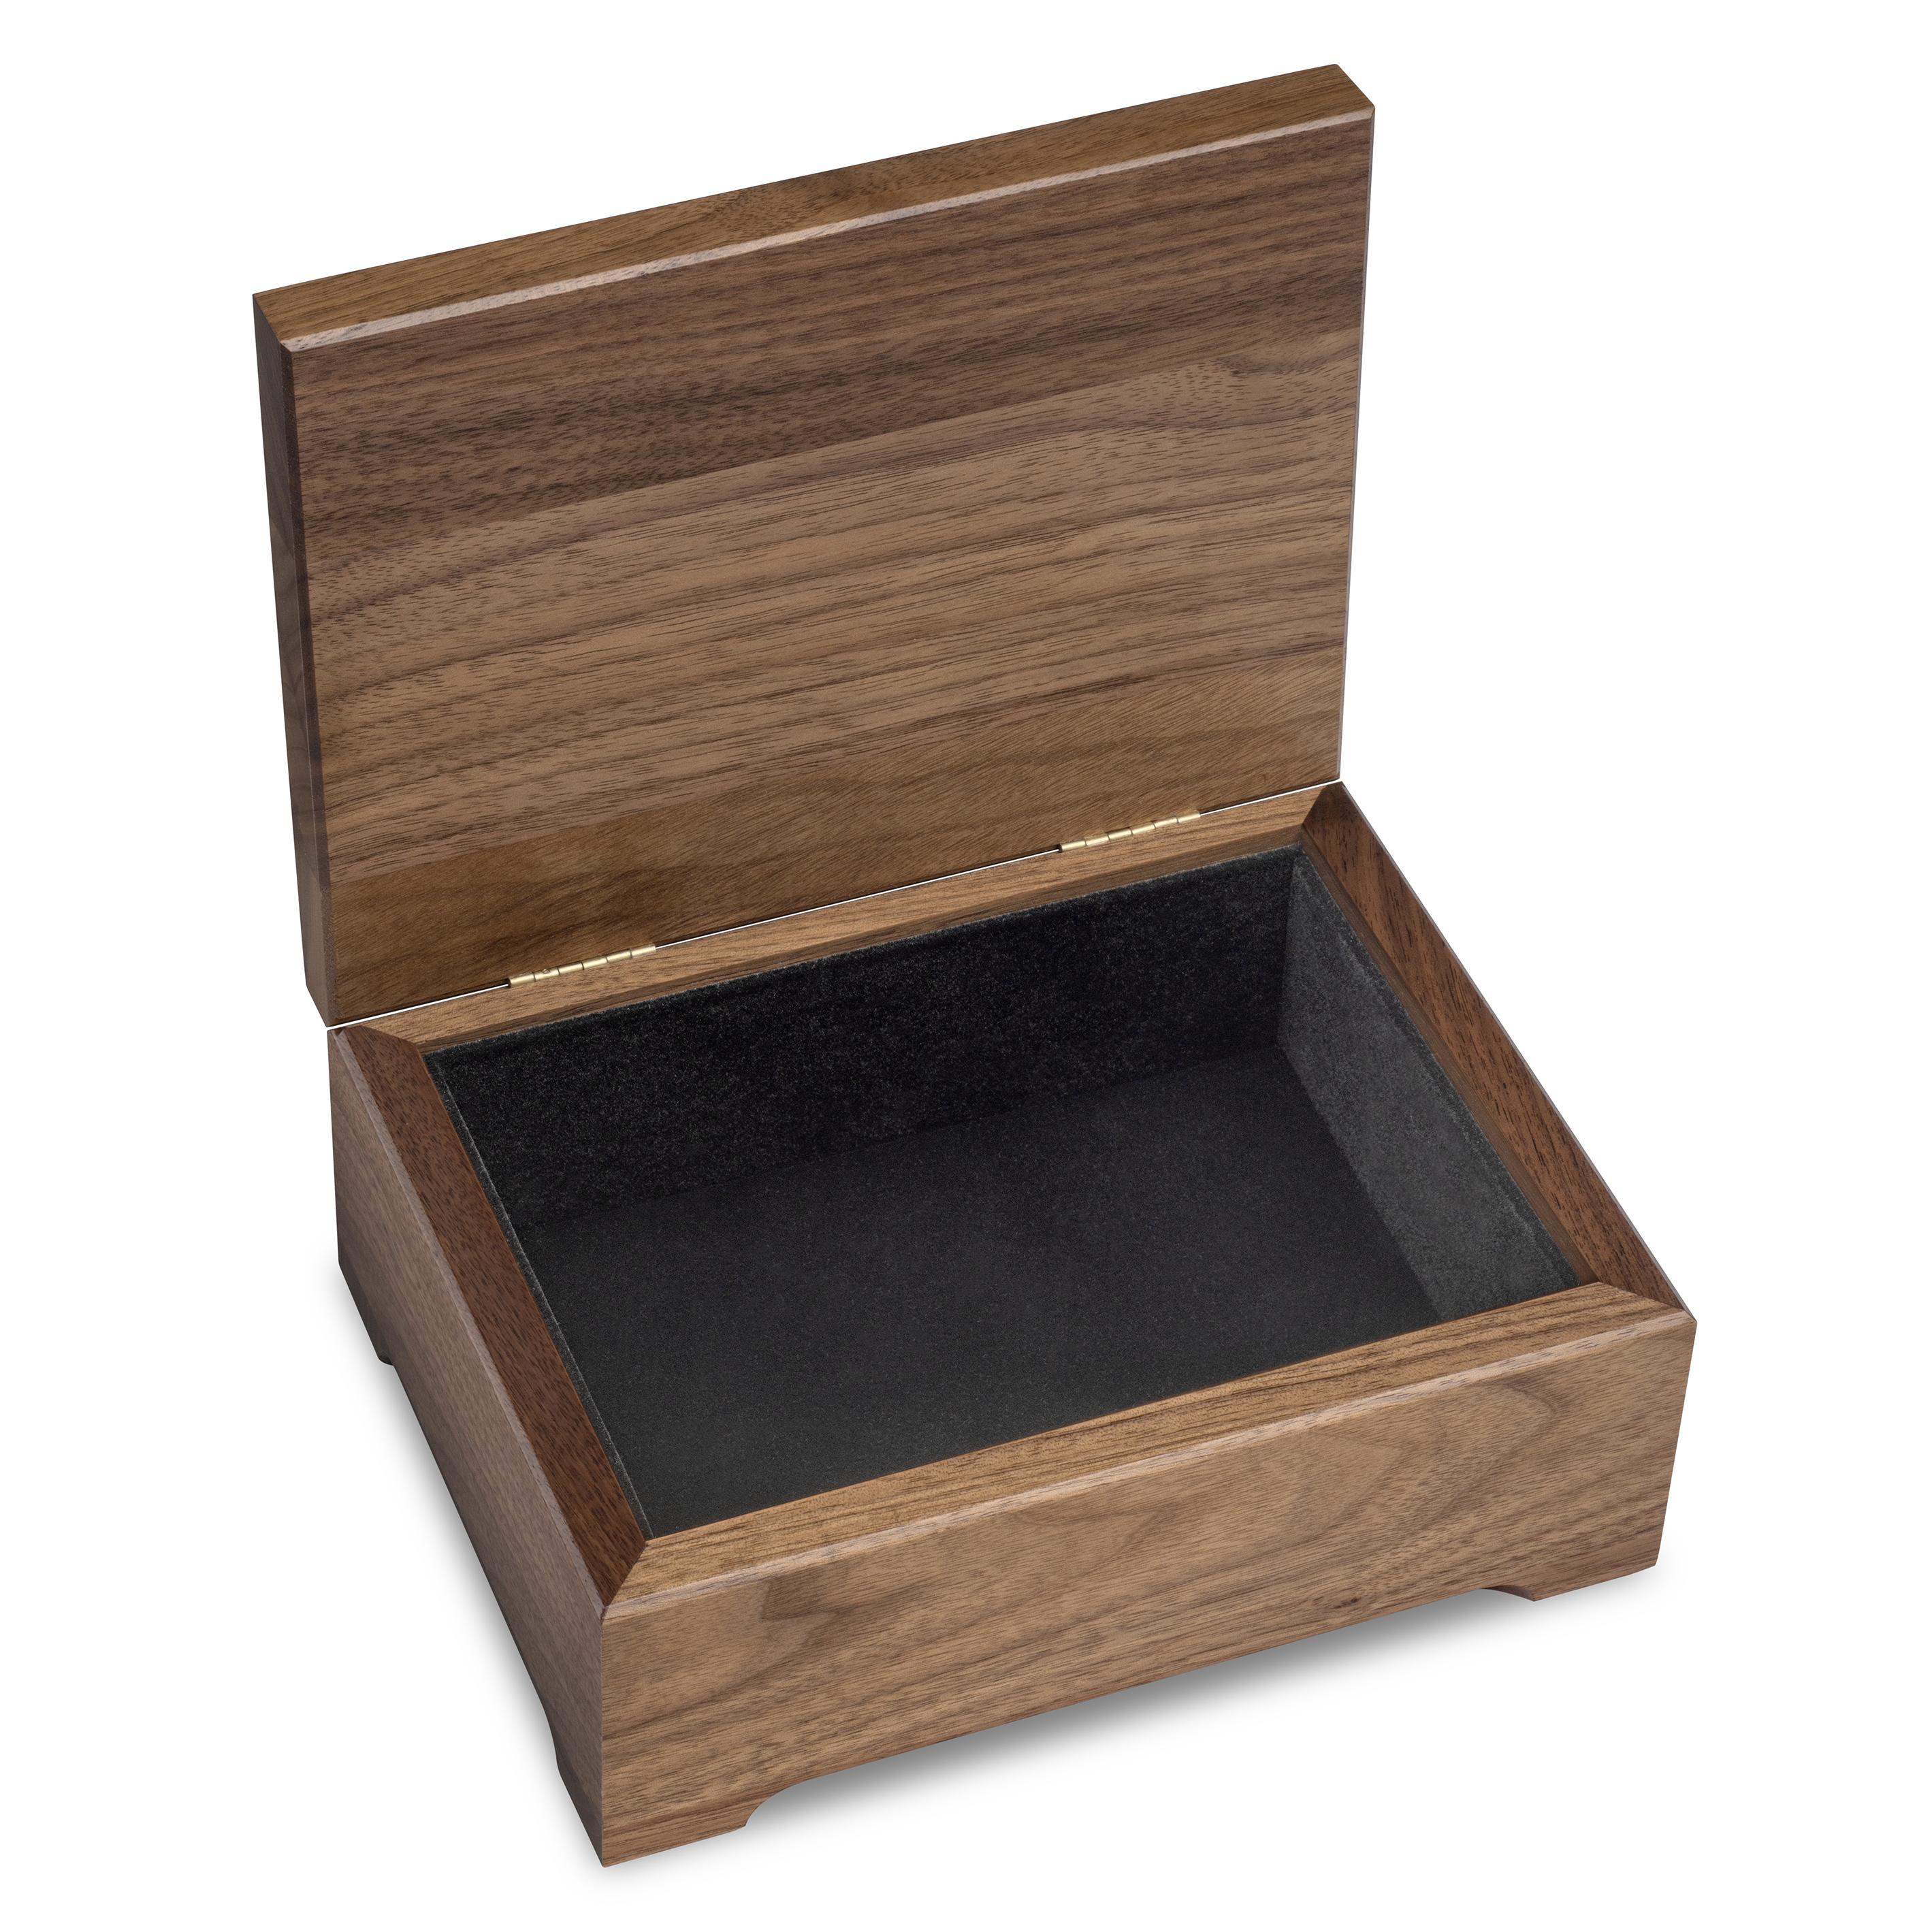 George Washington University Solid Walnut Desk Box - Image 2